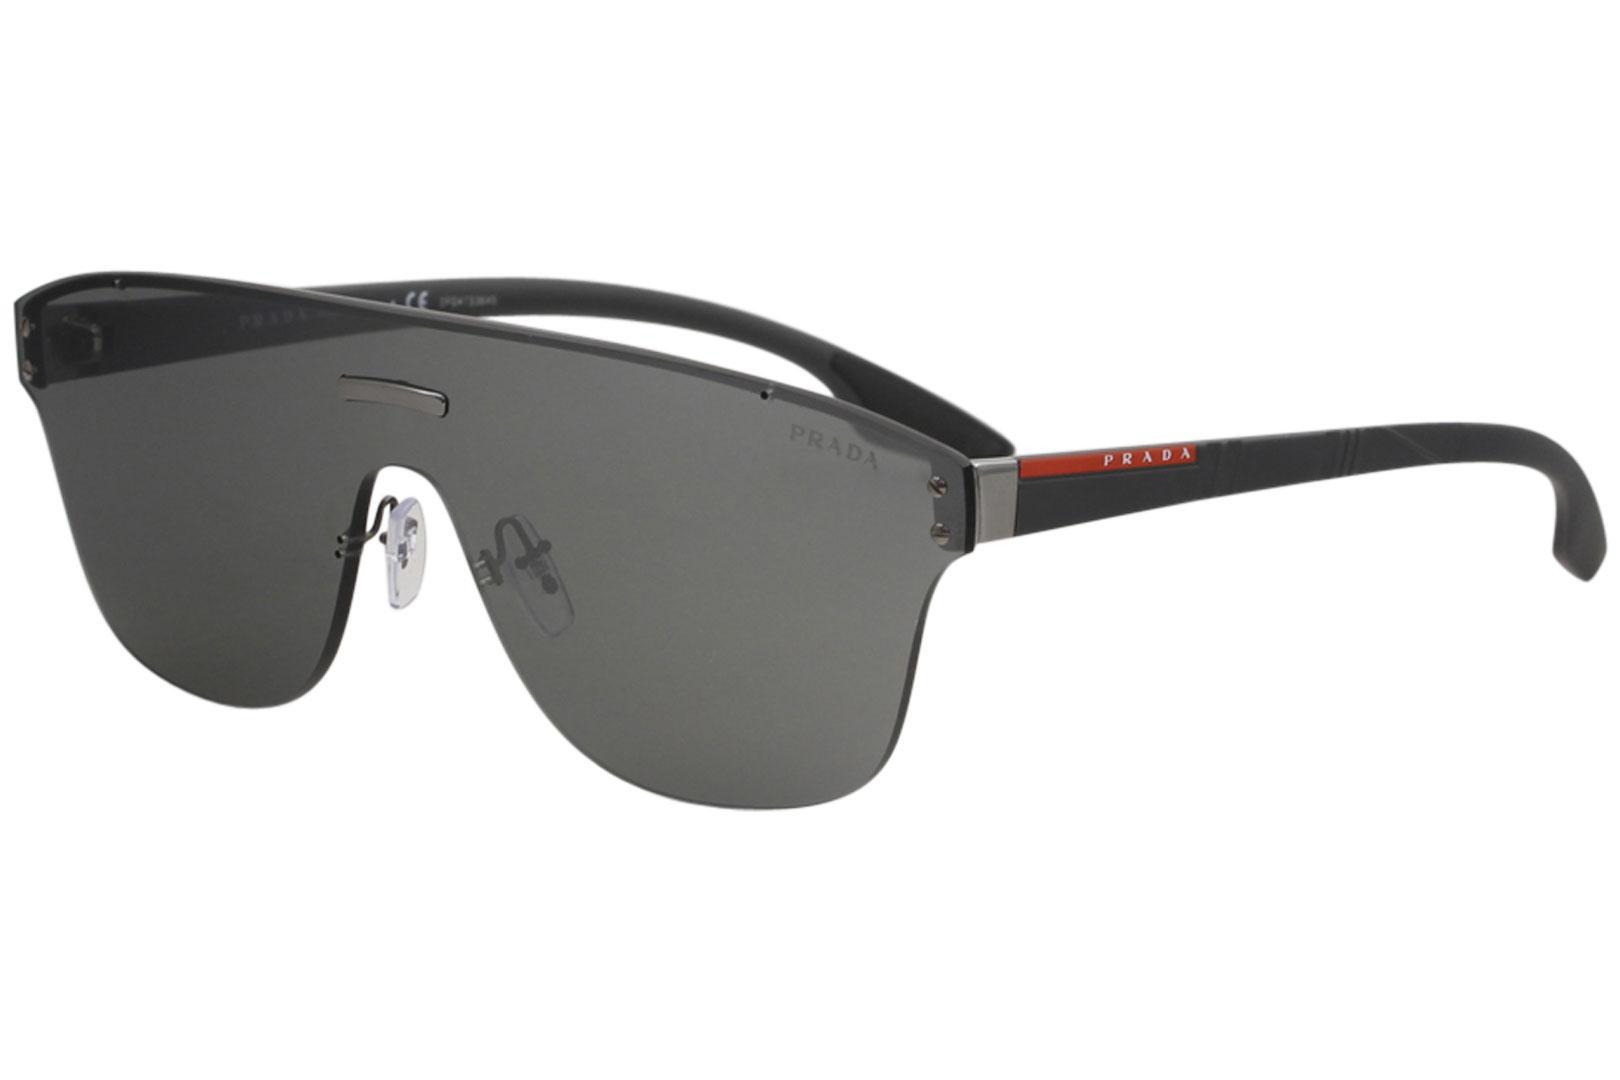 1811910a8a47 Prada Linea Rossa Men s SPS57T SPS 57T Fashion Shield Sunglasses by Prada  Linea Rossa